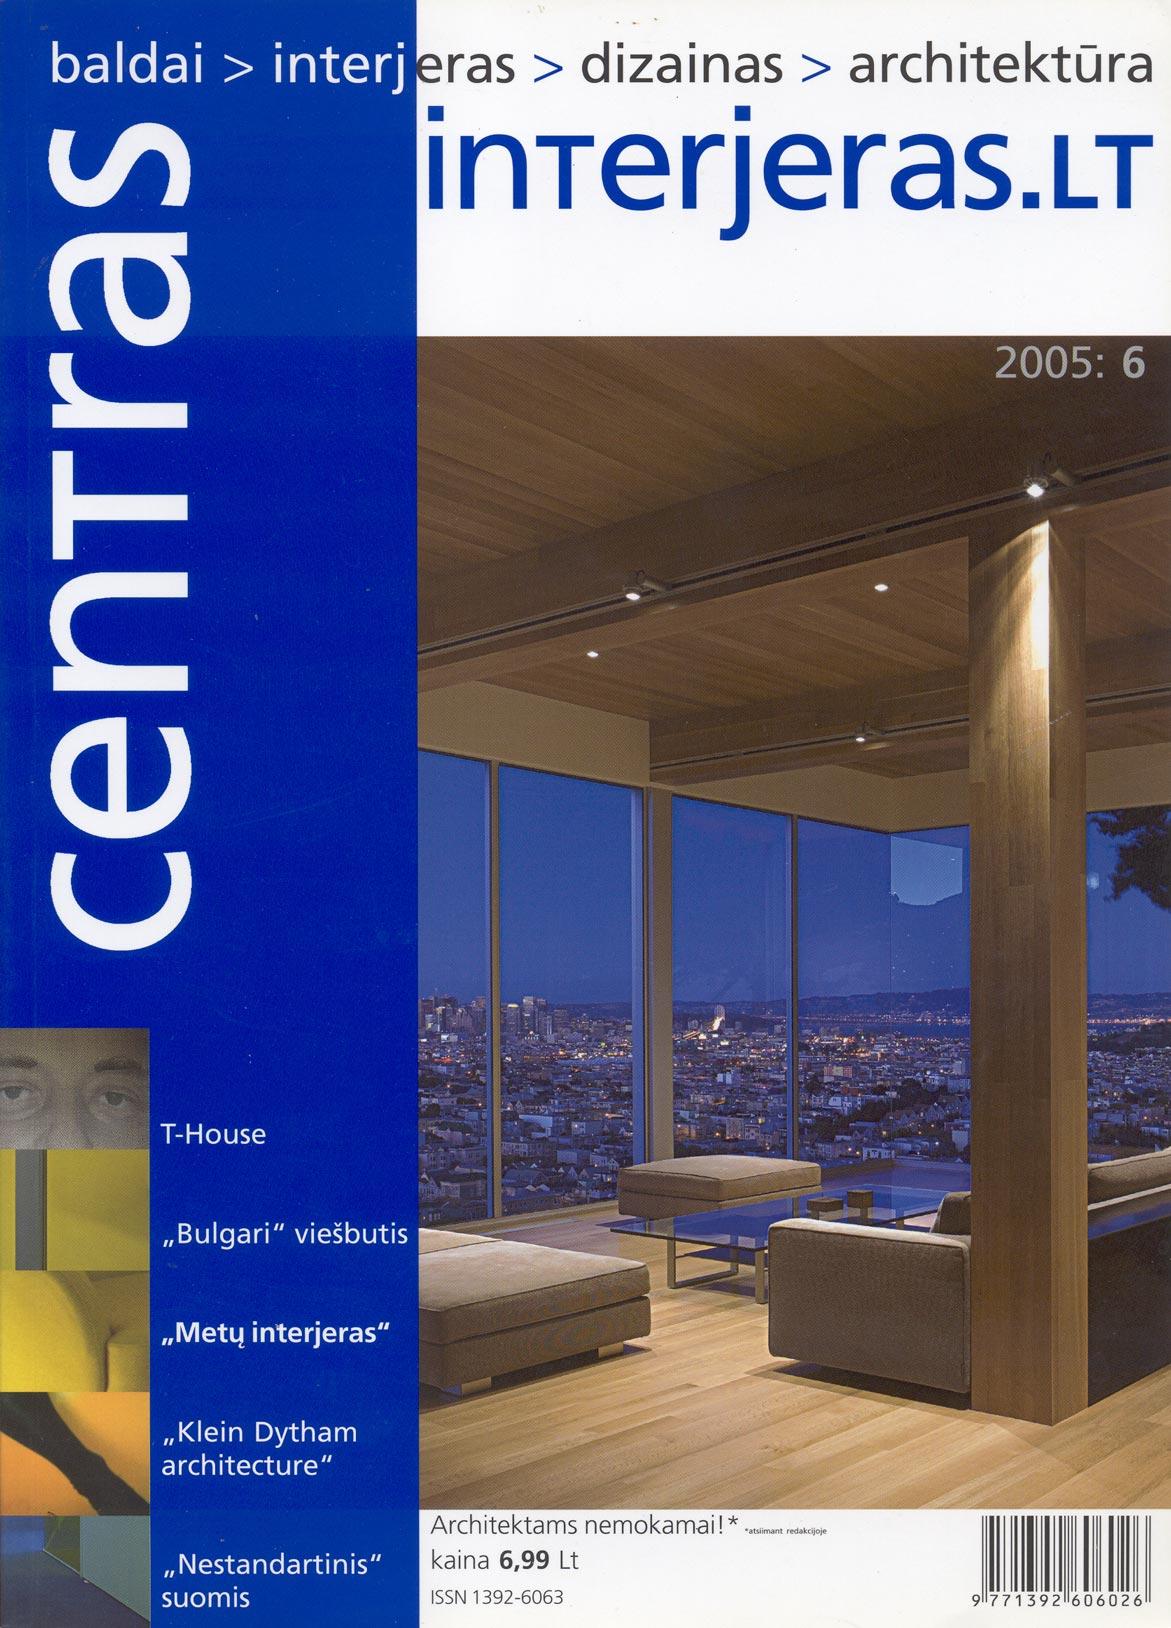 """""""Un intervento di Stefano Salvi"""", Centras - Interjas.LT, n.6 (giugno 2005)."""